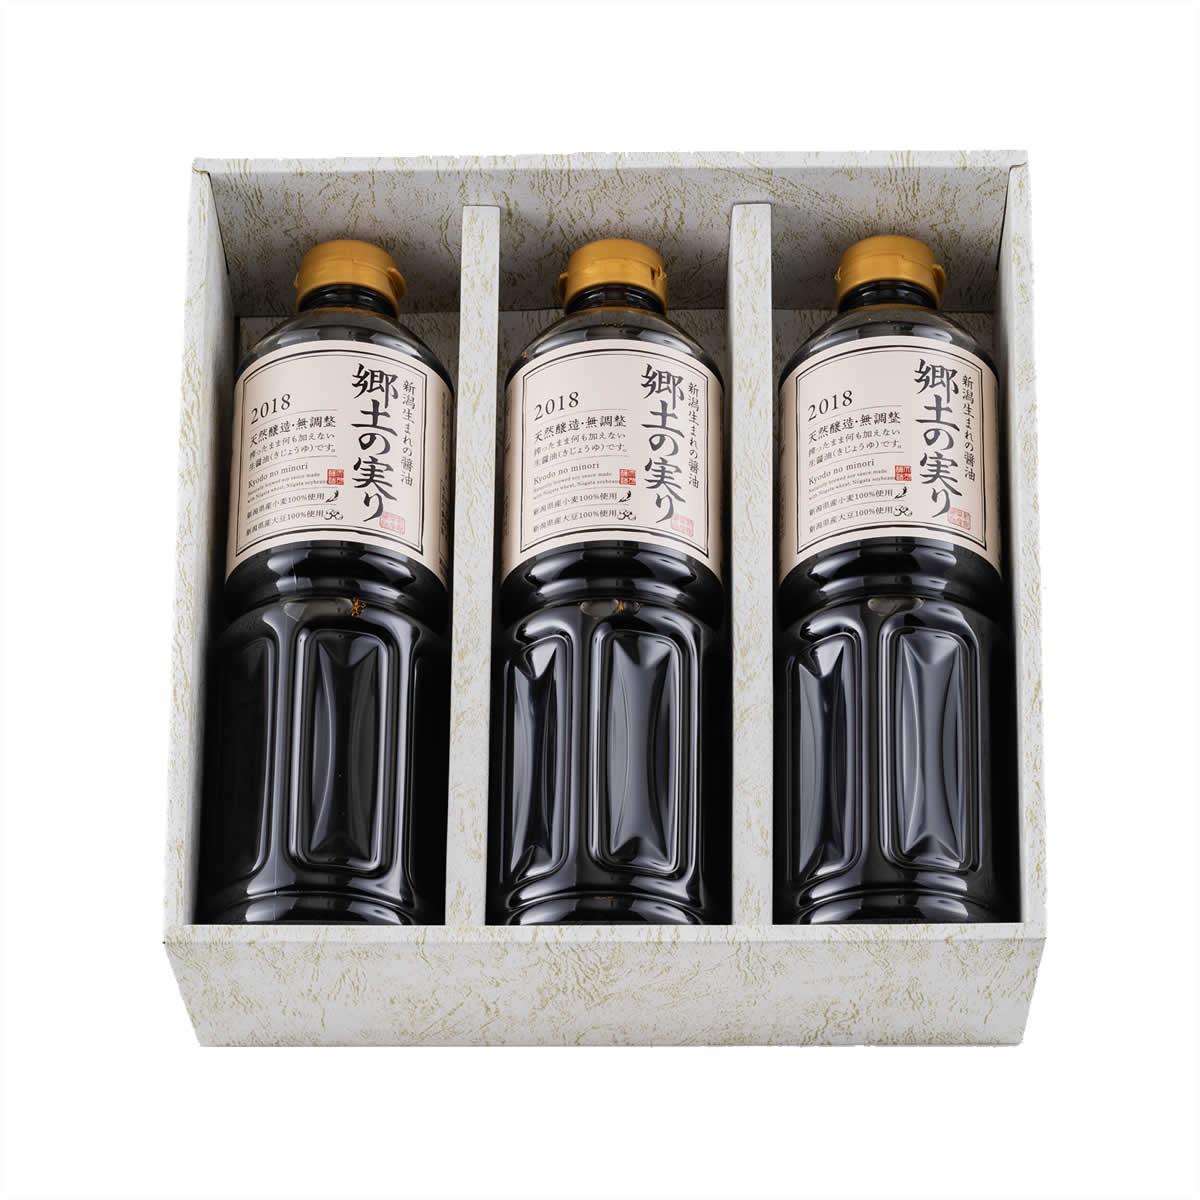 山崎醸造 新潟県産醤油 郷土の実り 1L×3 【送料無料】 | こめや丸七